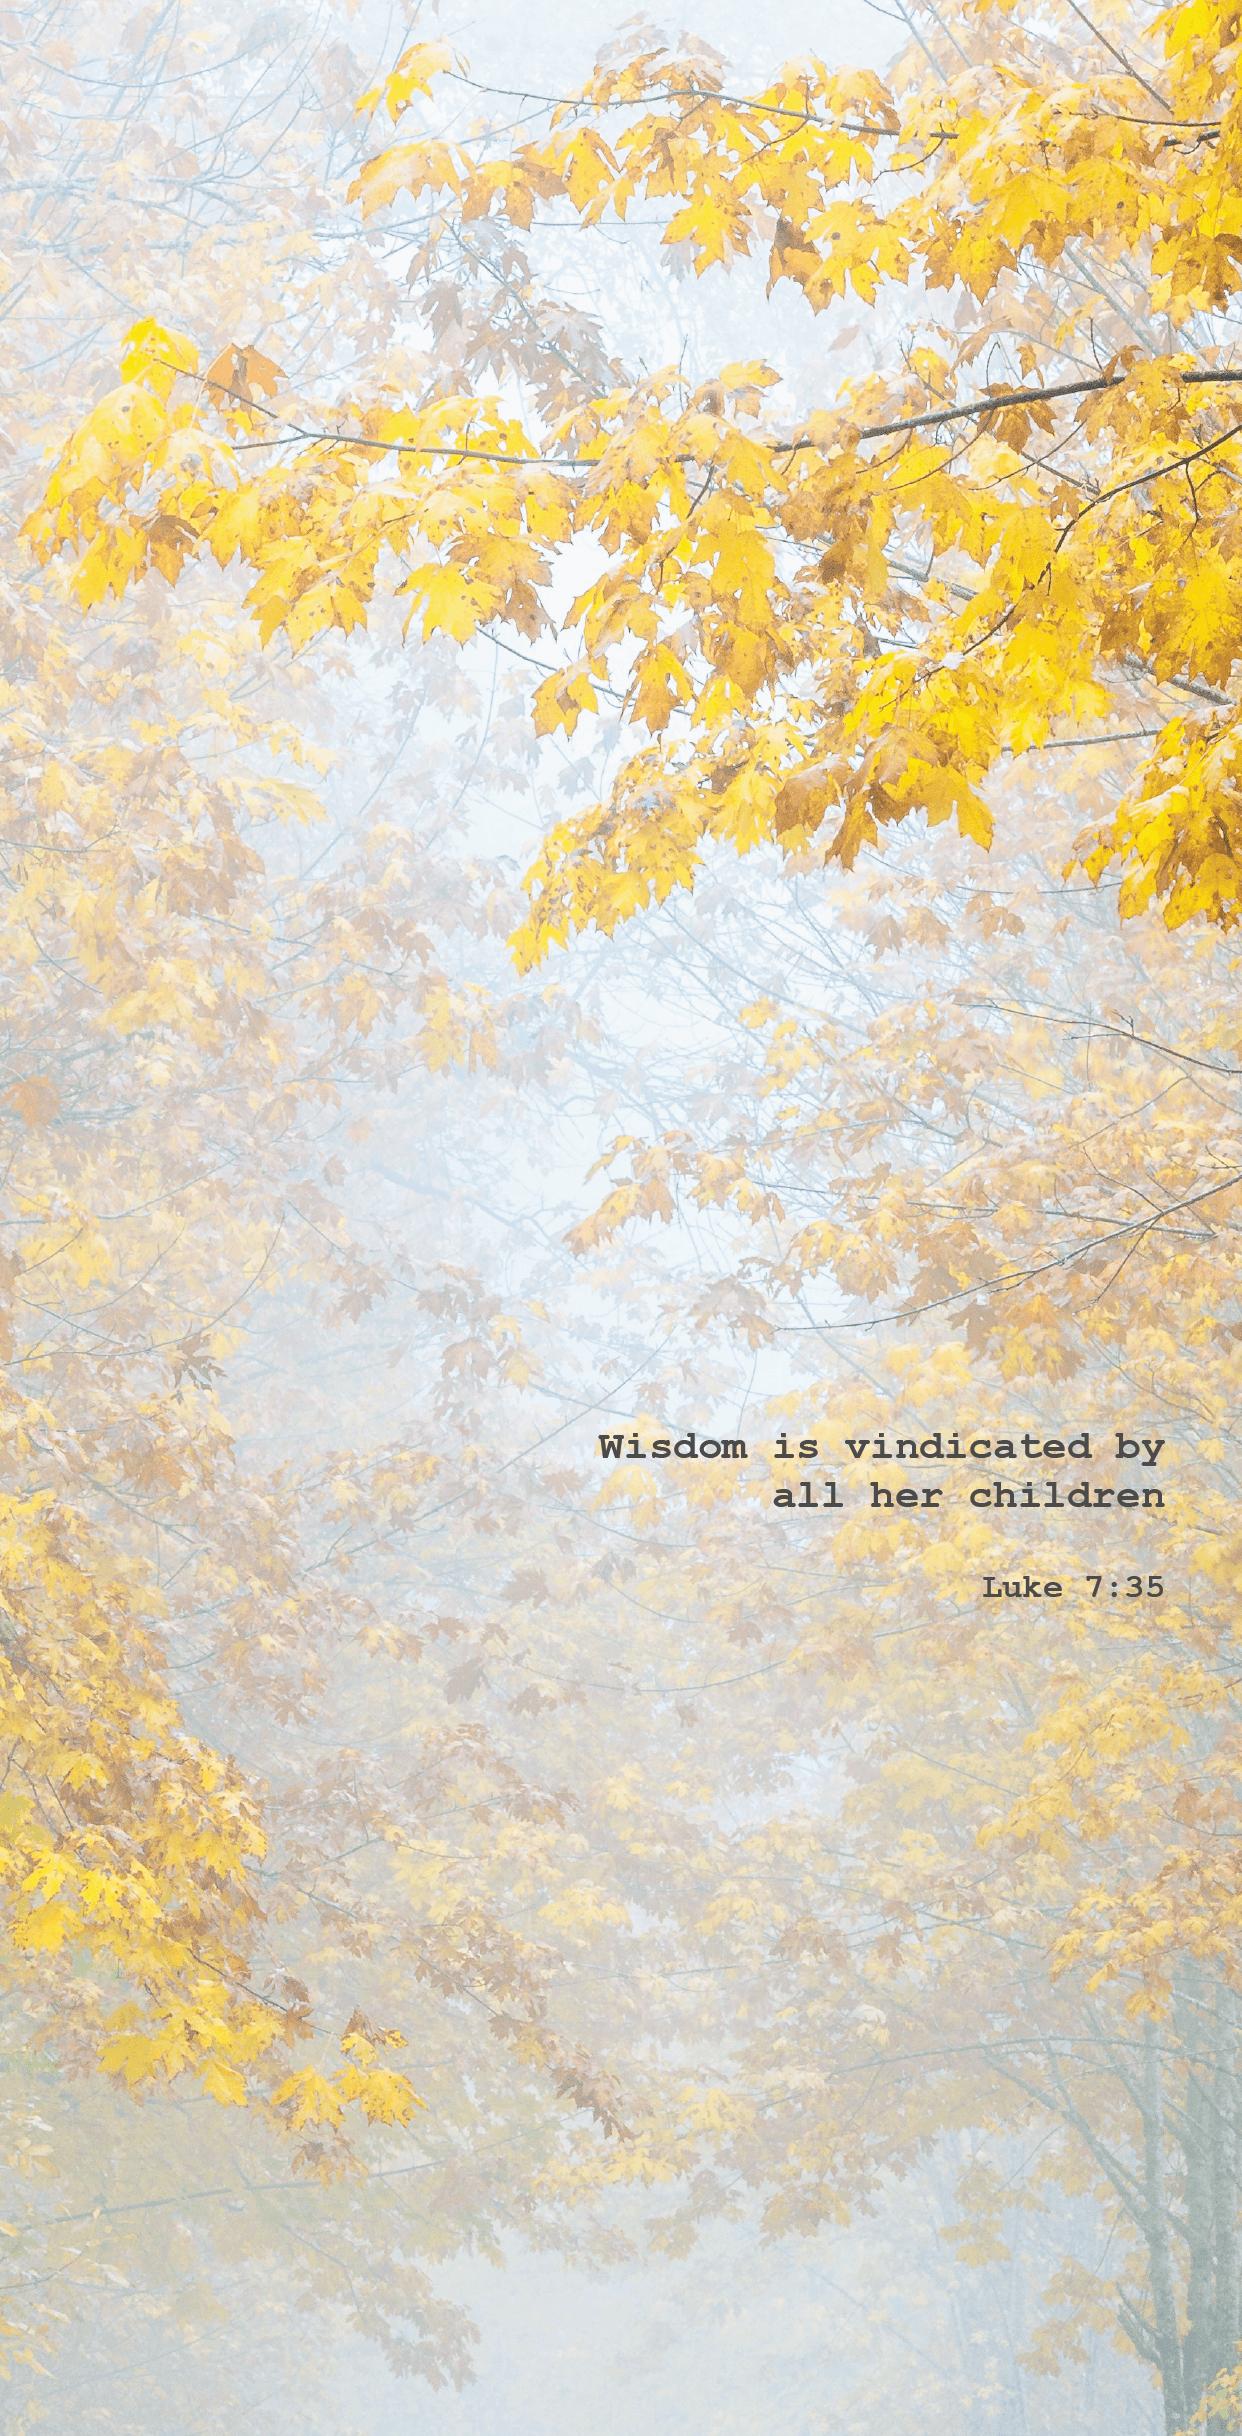 September 19th